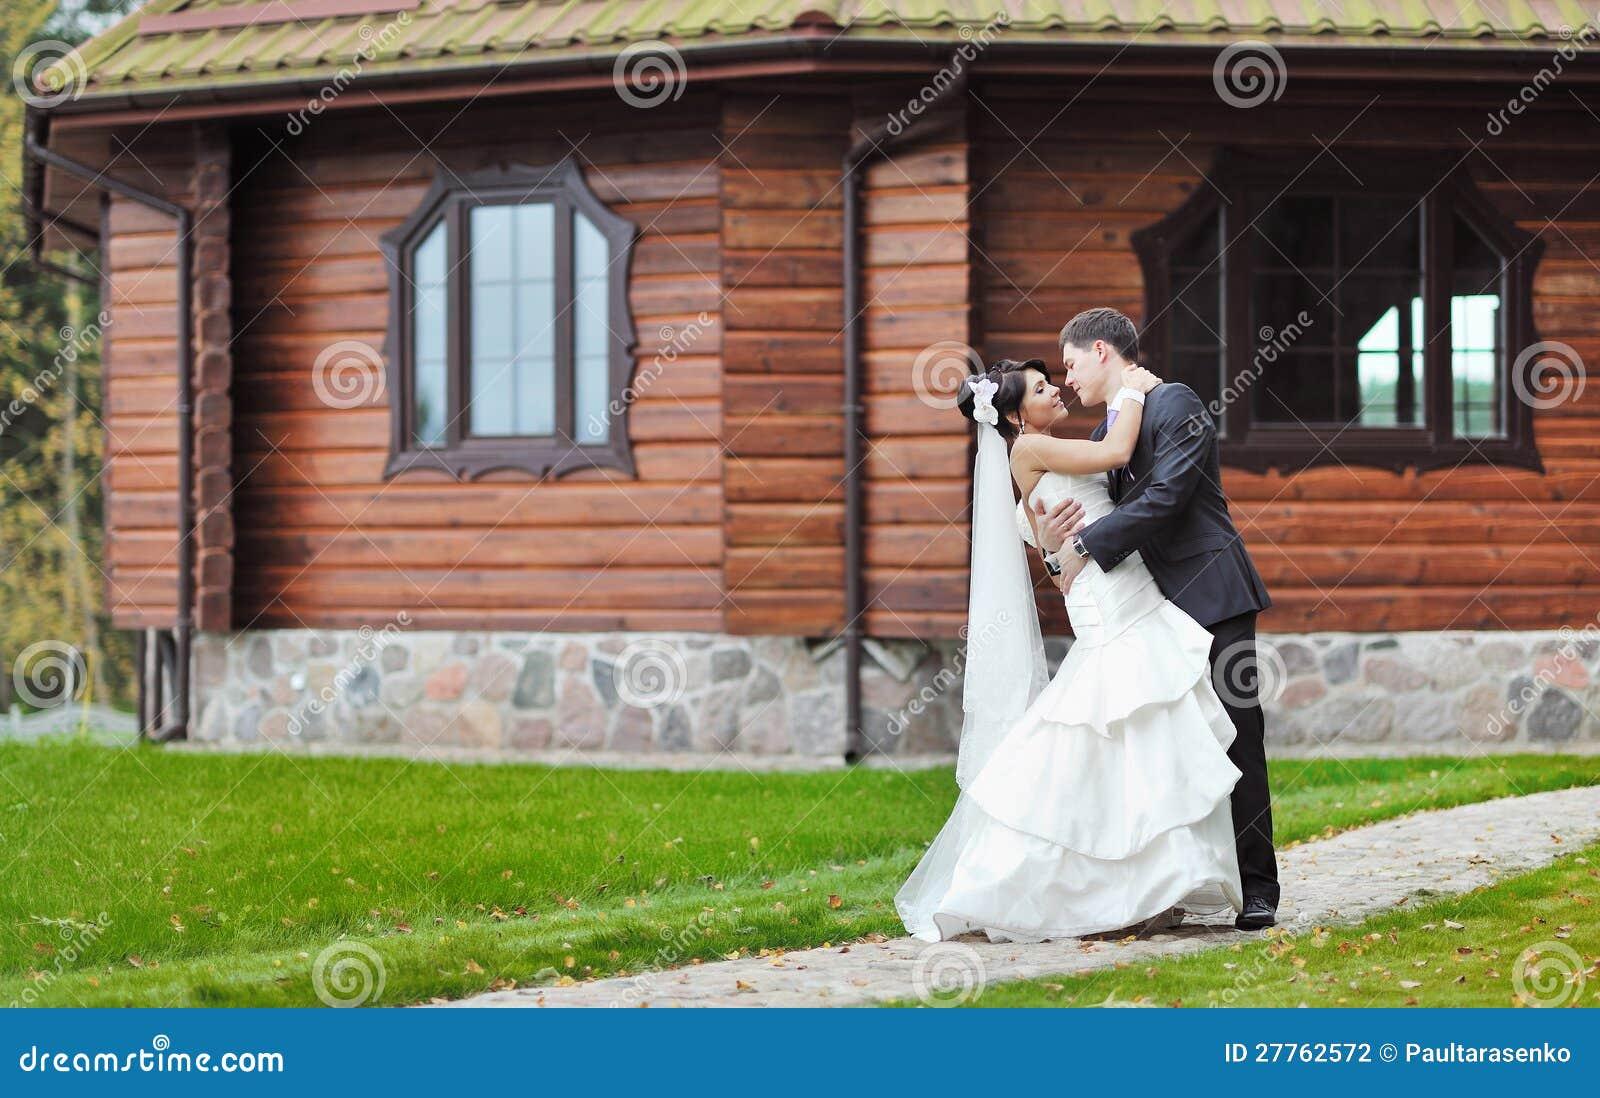 Couples de mariage devant la grande maison en stationnement